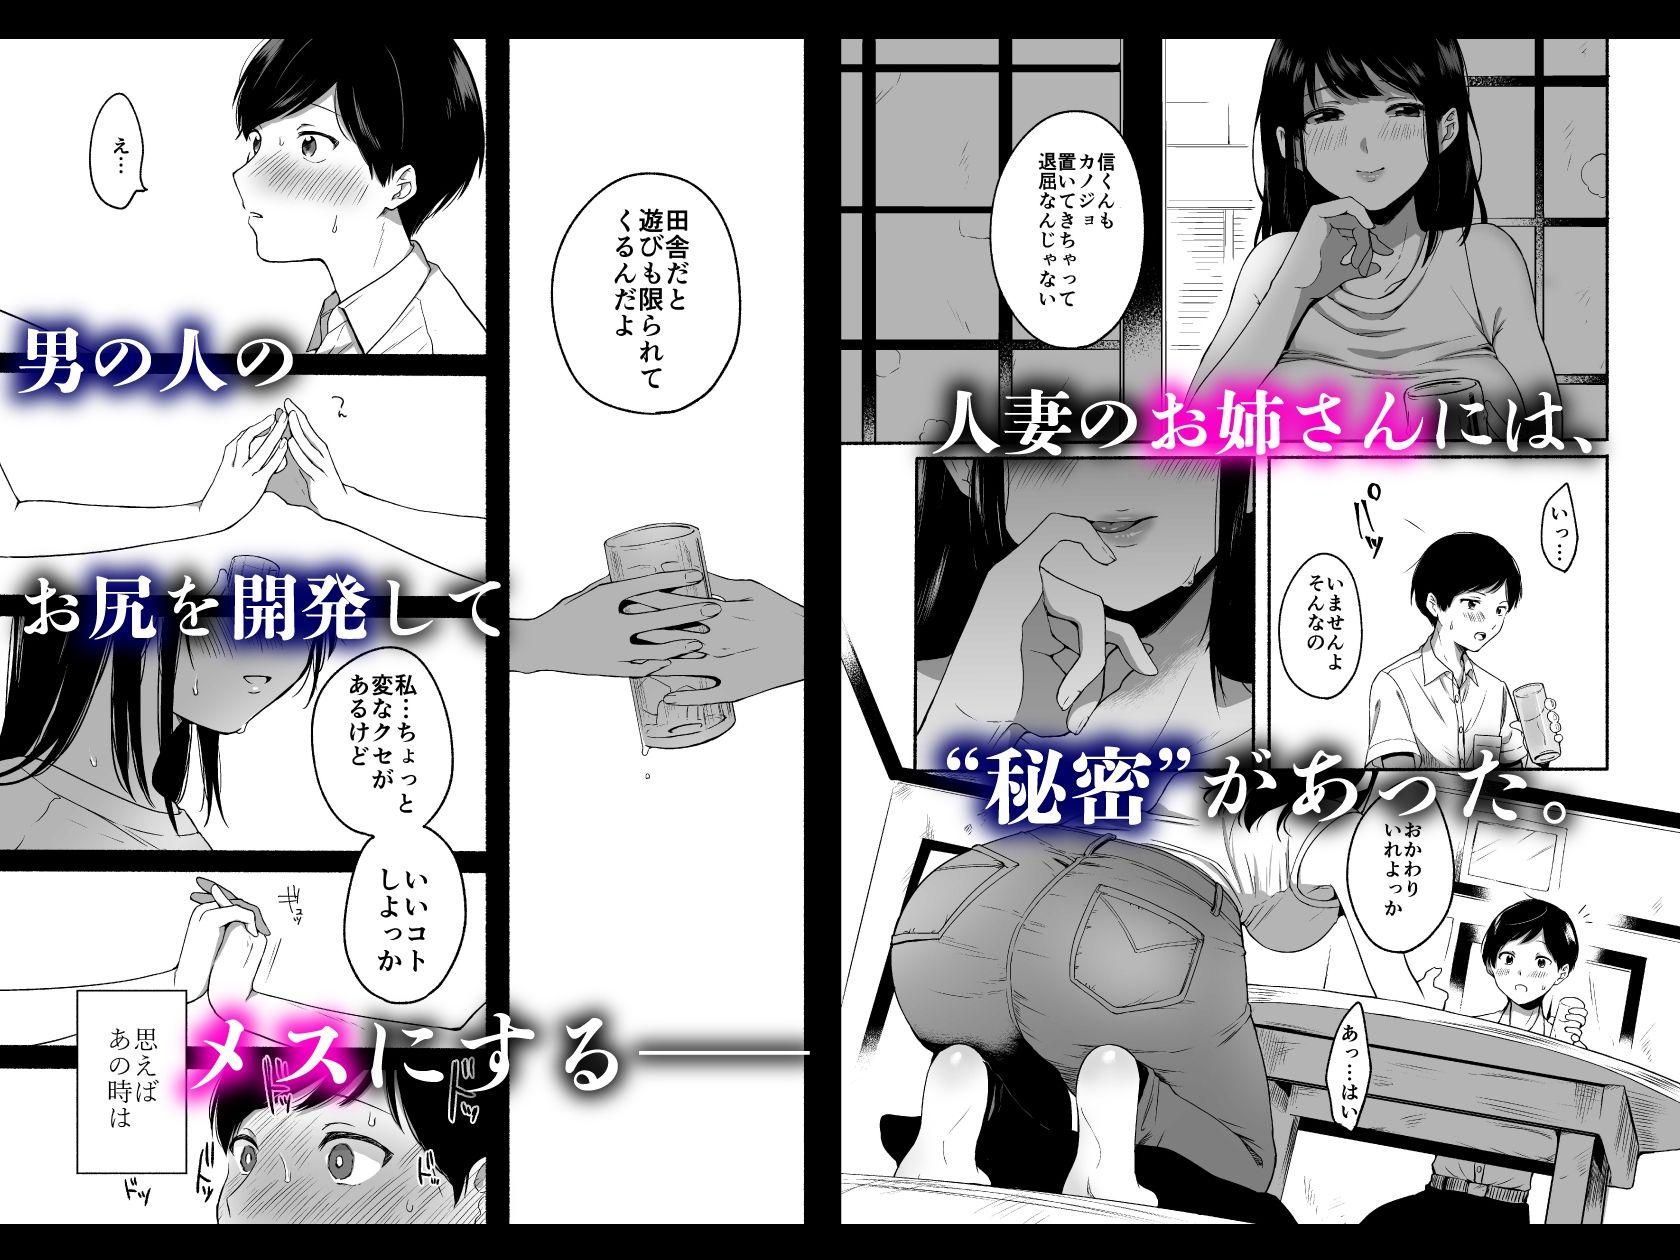 【エロ漫画】僕と夏の秘密 巨乳妻に前立腺を開発されたM男が‥「サークル:三崎」【同人誌・コミック】#2